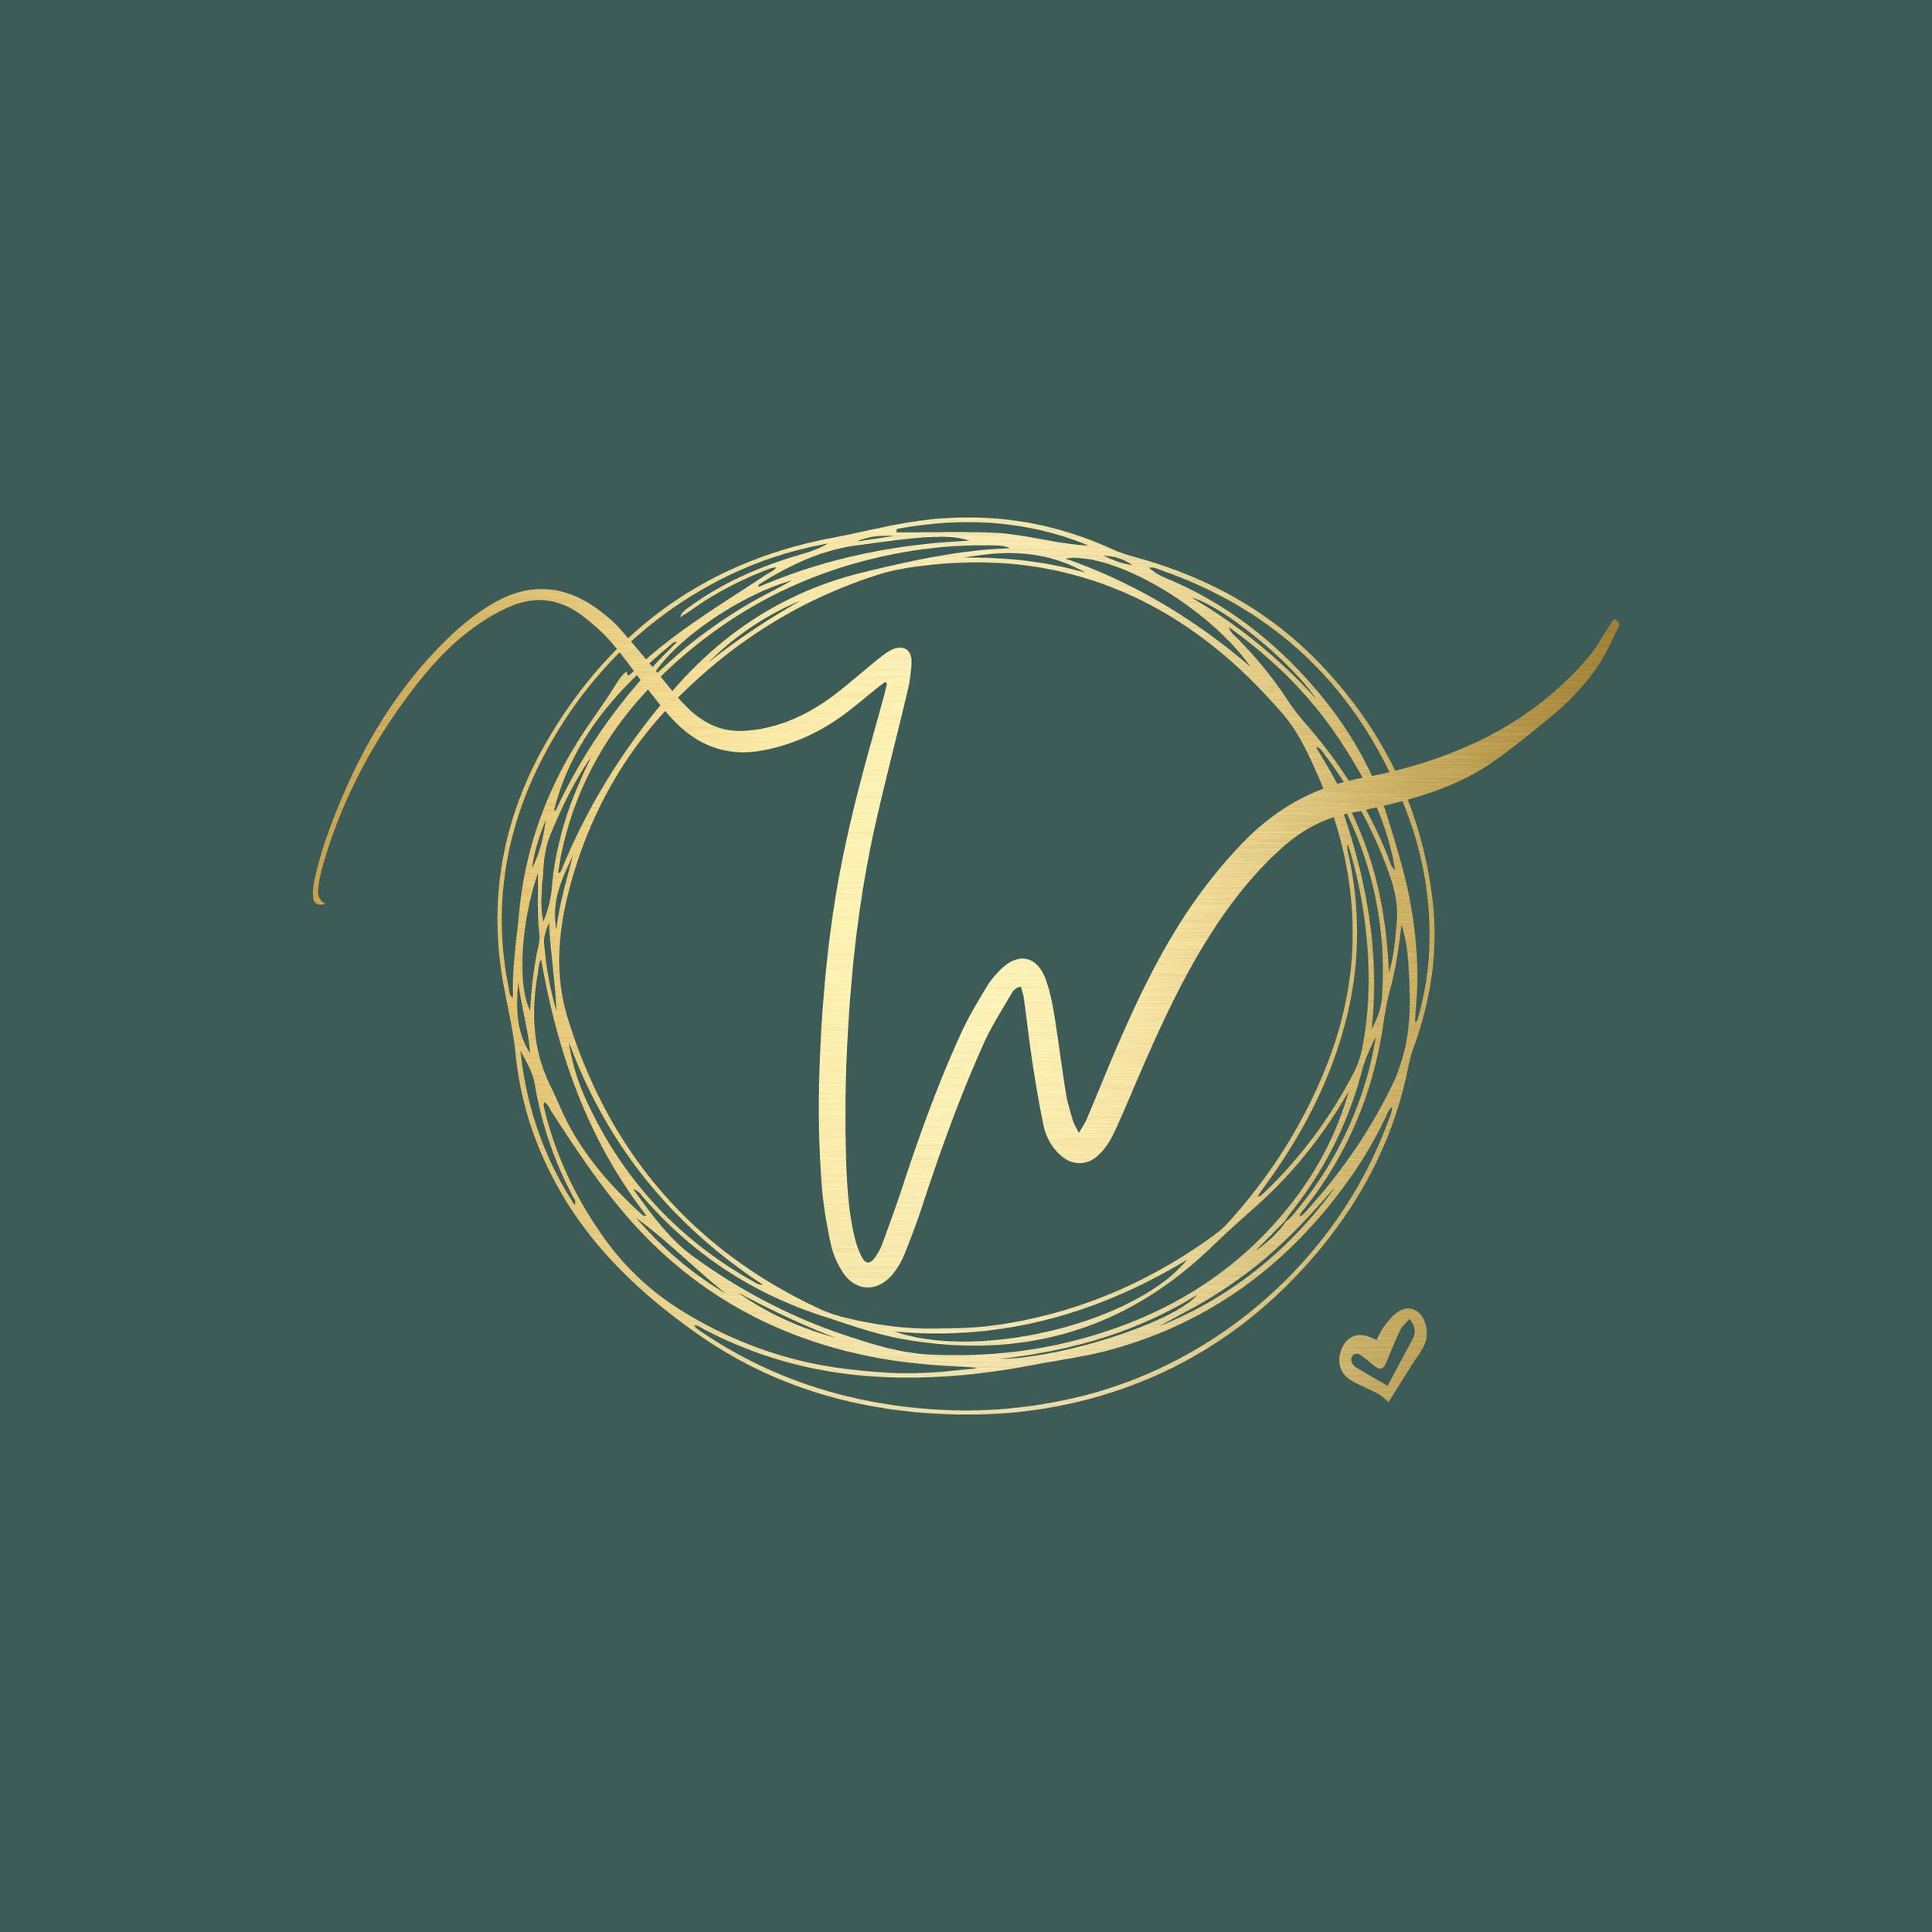 Gold Foil Logo on Green-01.png